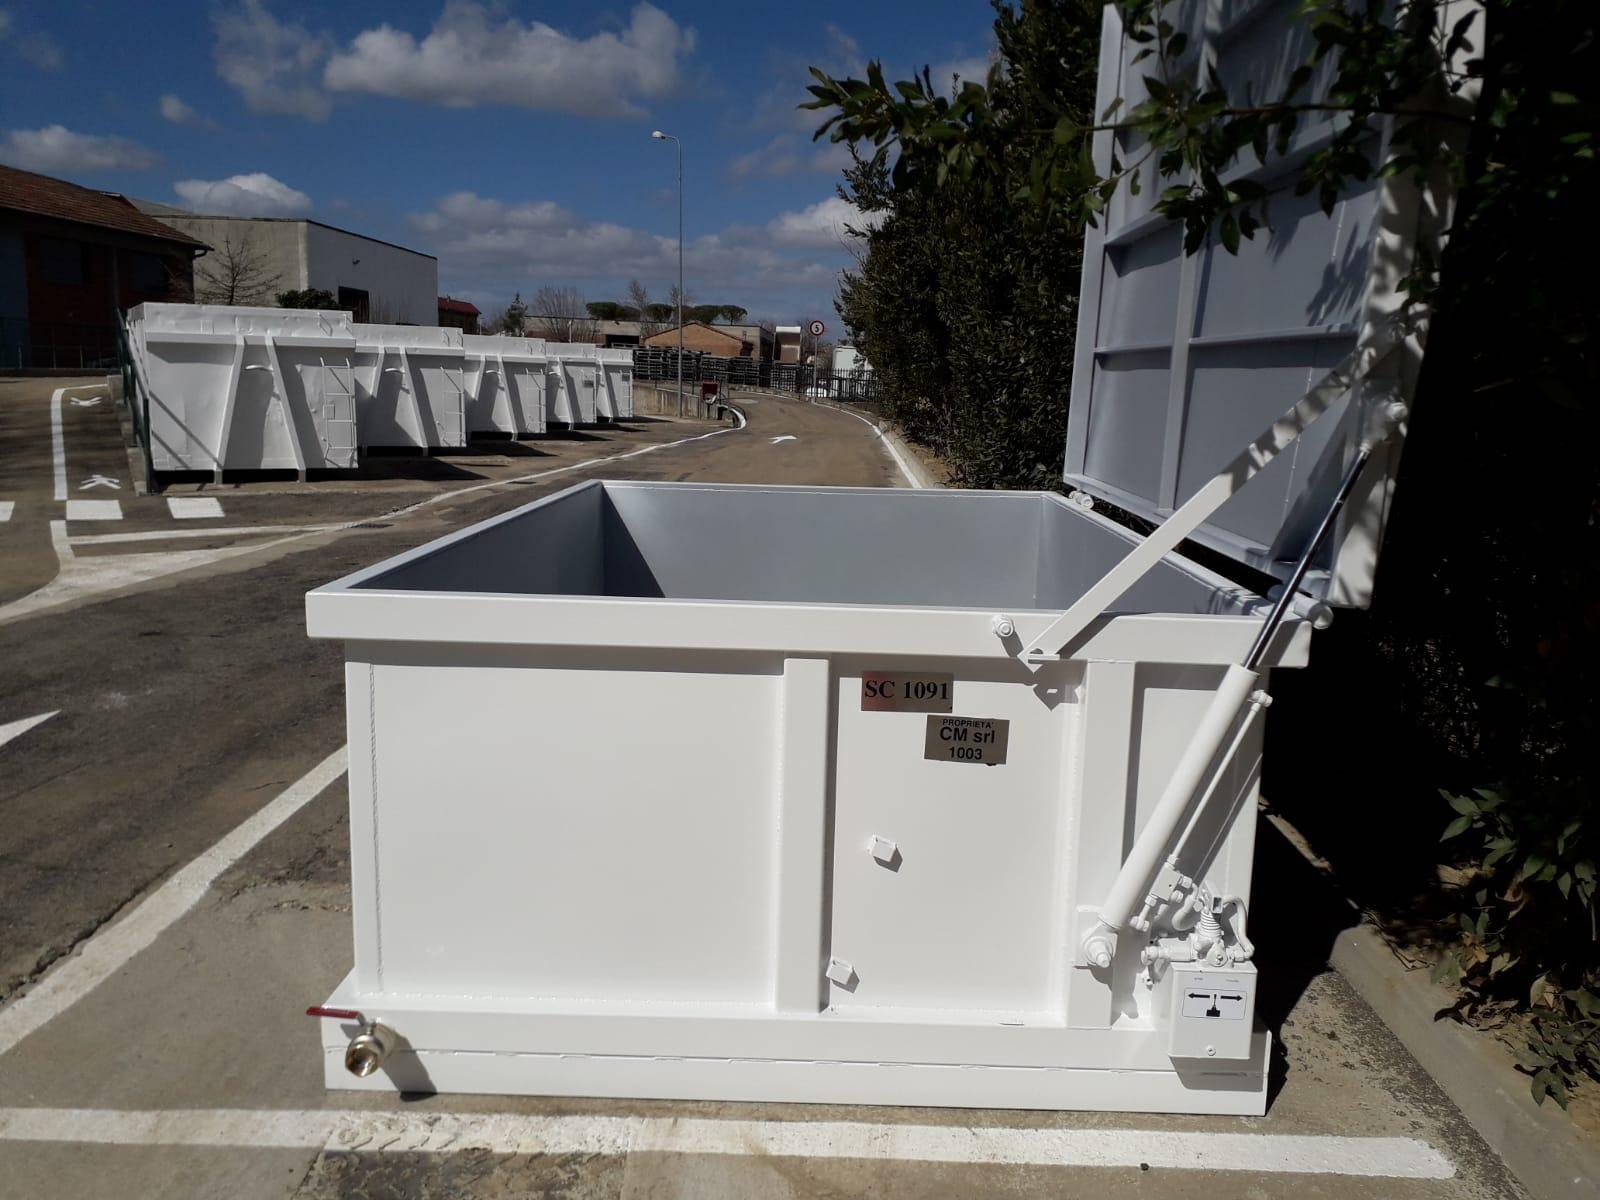 Riapre il centro di raccolta rifiuti di Montepulciano Stazione